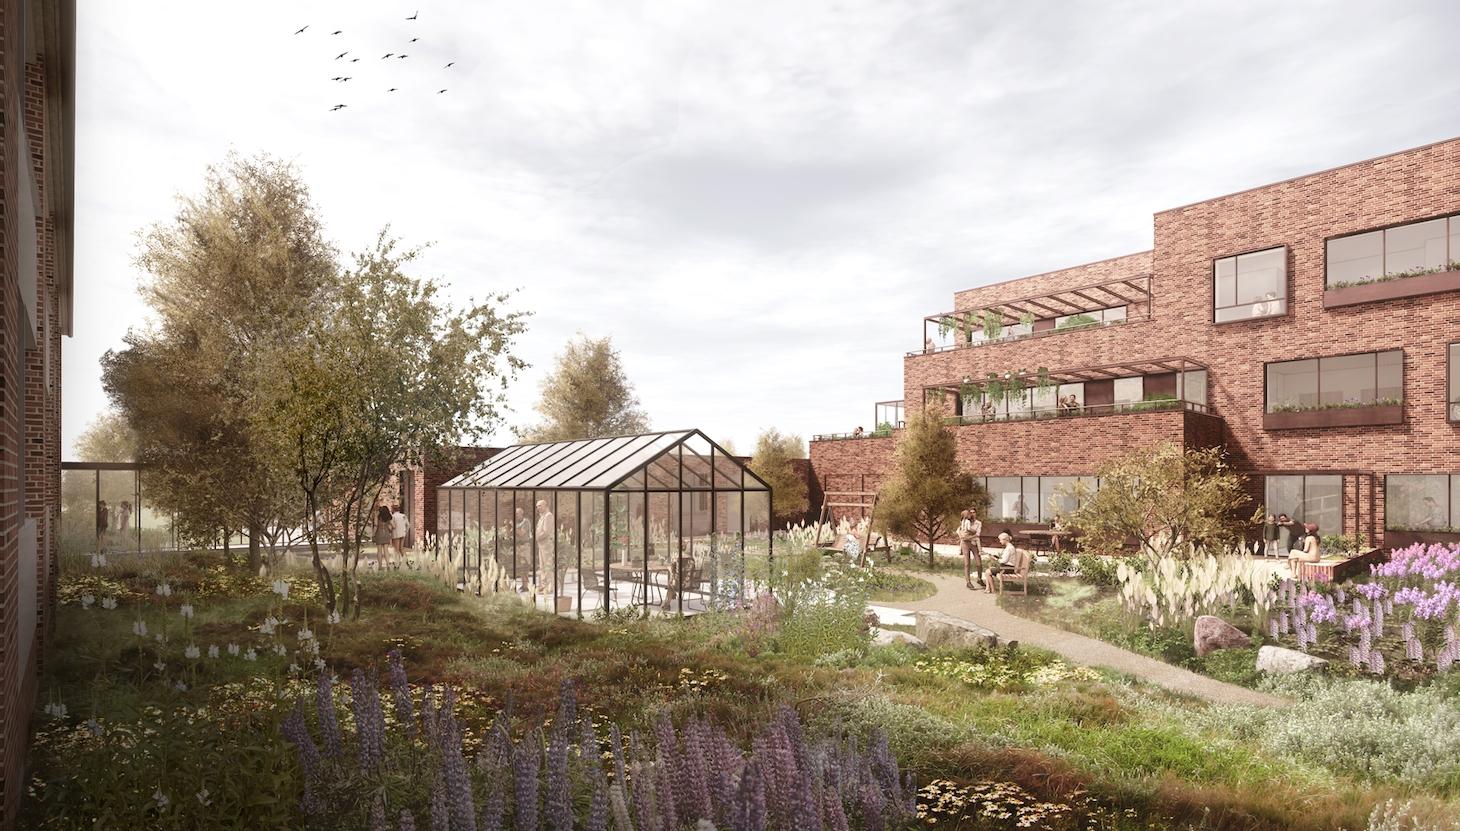 Hørgården Plejeboliger, Aarhus